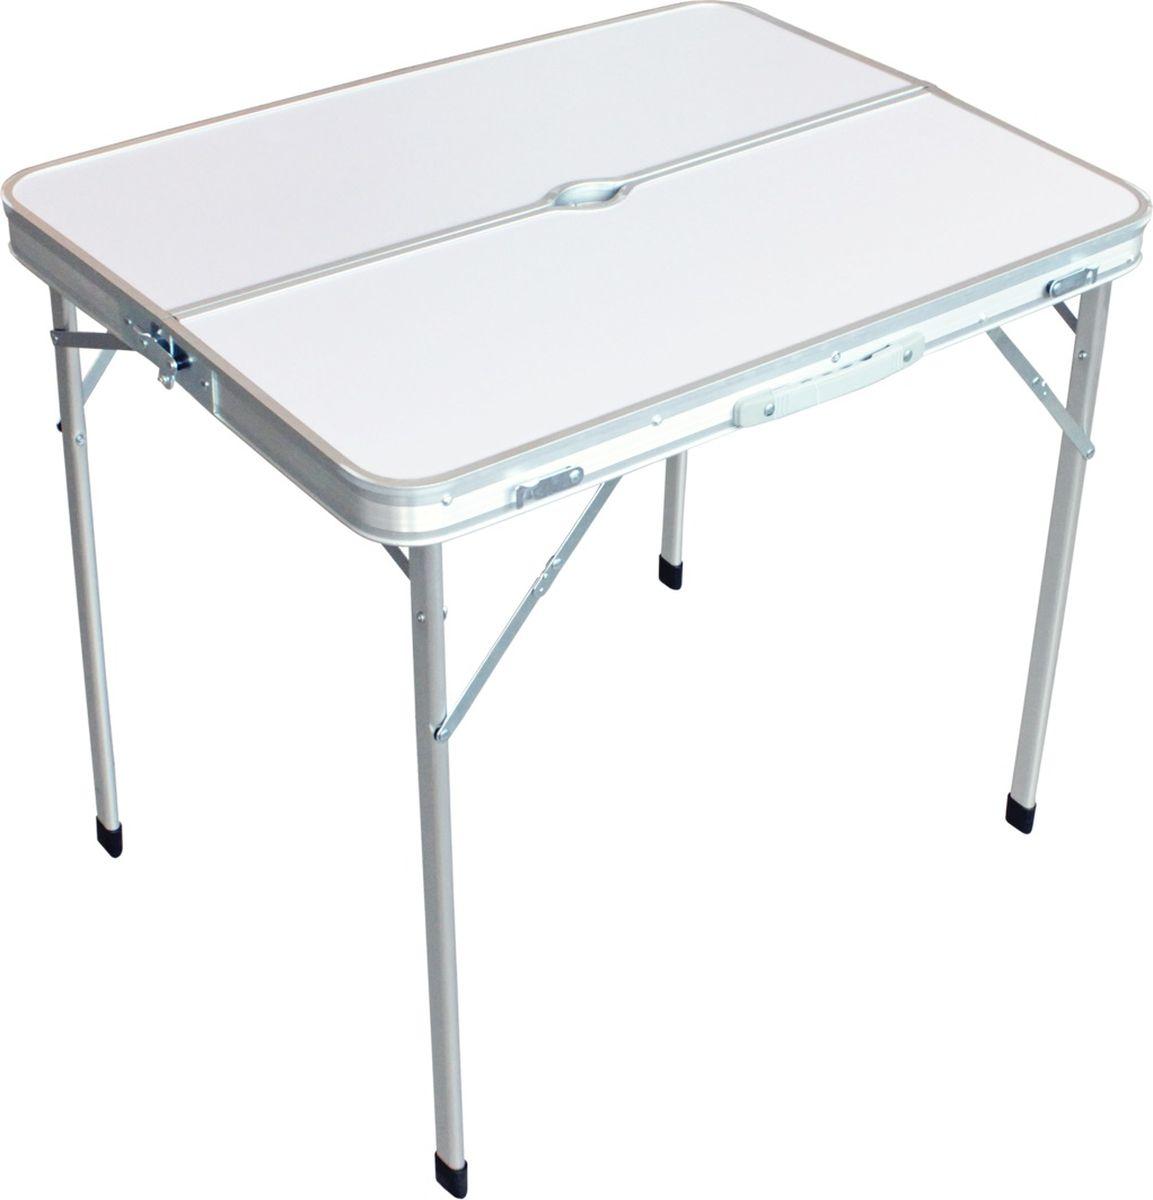 Стол складной Woodland Picnic Table Luxe, цвет: белый, 80 x 60 x 67 см49682Модель: Picnic Table UС отверстием под зонт.Материалы: АлюминийМДФРАЗМЕР: 120 x 60 x 67 см.ВЕС: 3,2 кг.Компактная складная конструкция. Прочный алюминиевый каркас. Материал столешницы - МДФ. Удобная ручка для переноски. Максимально допустимая нагрузка 30 кг.